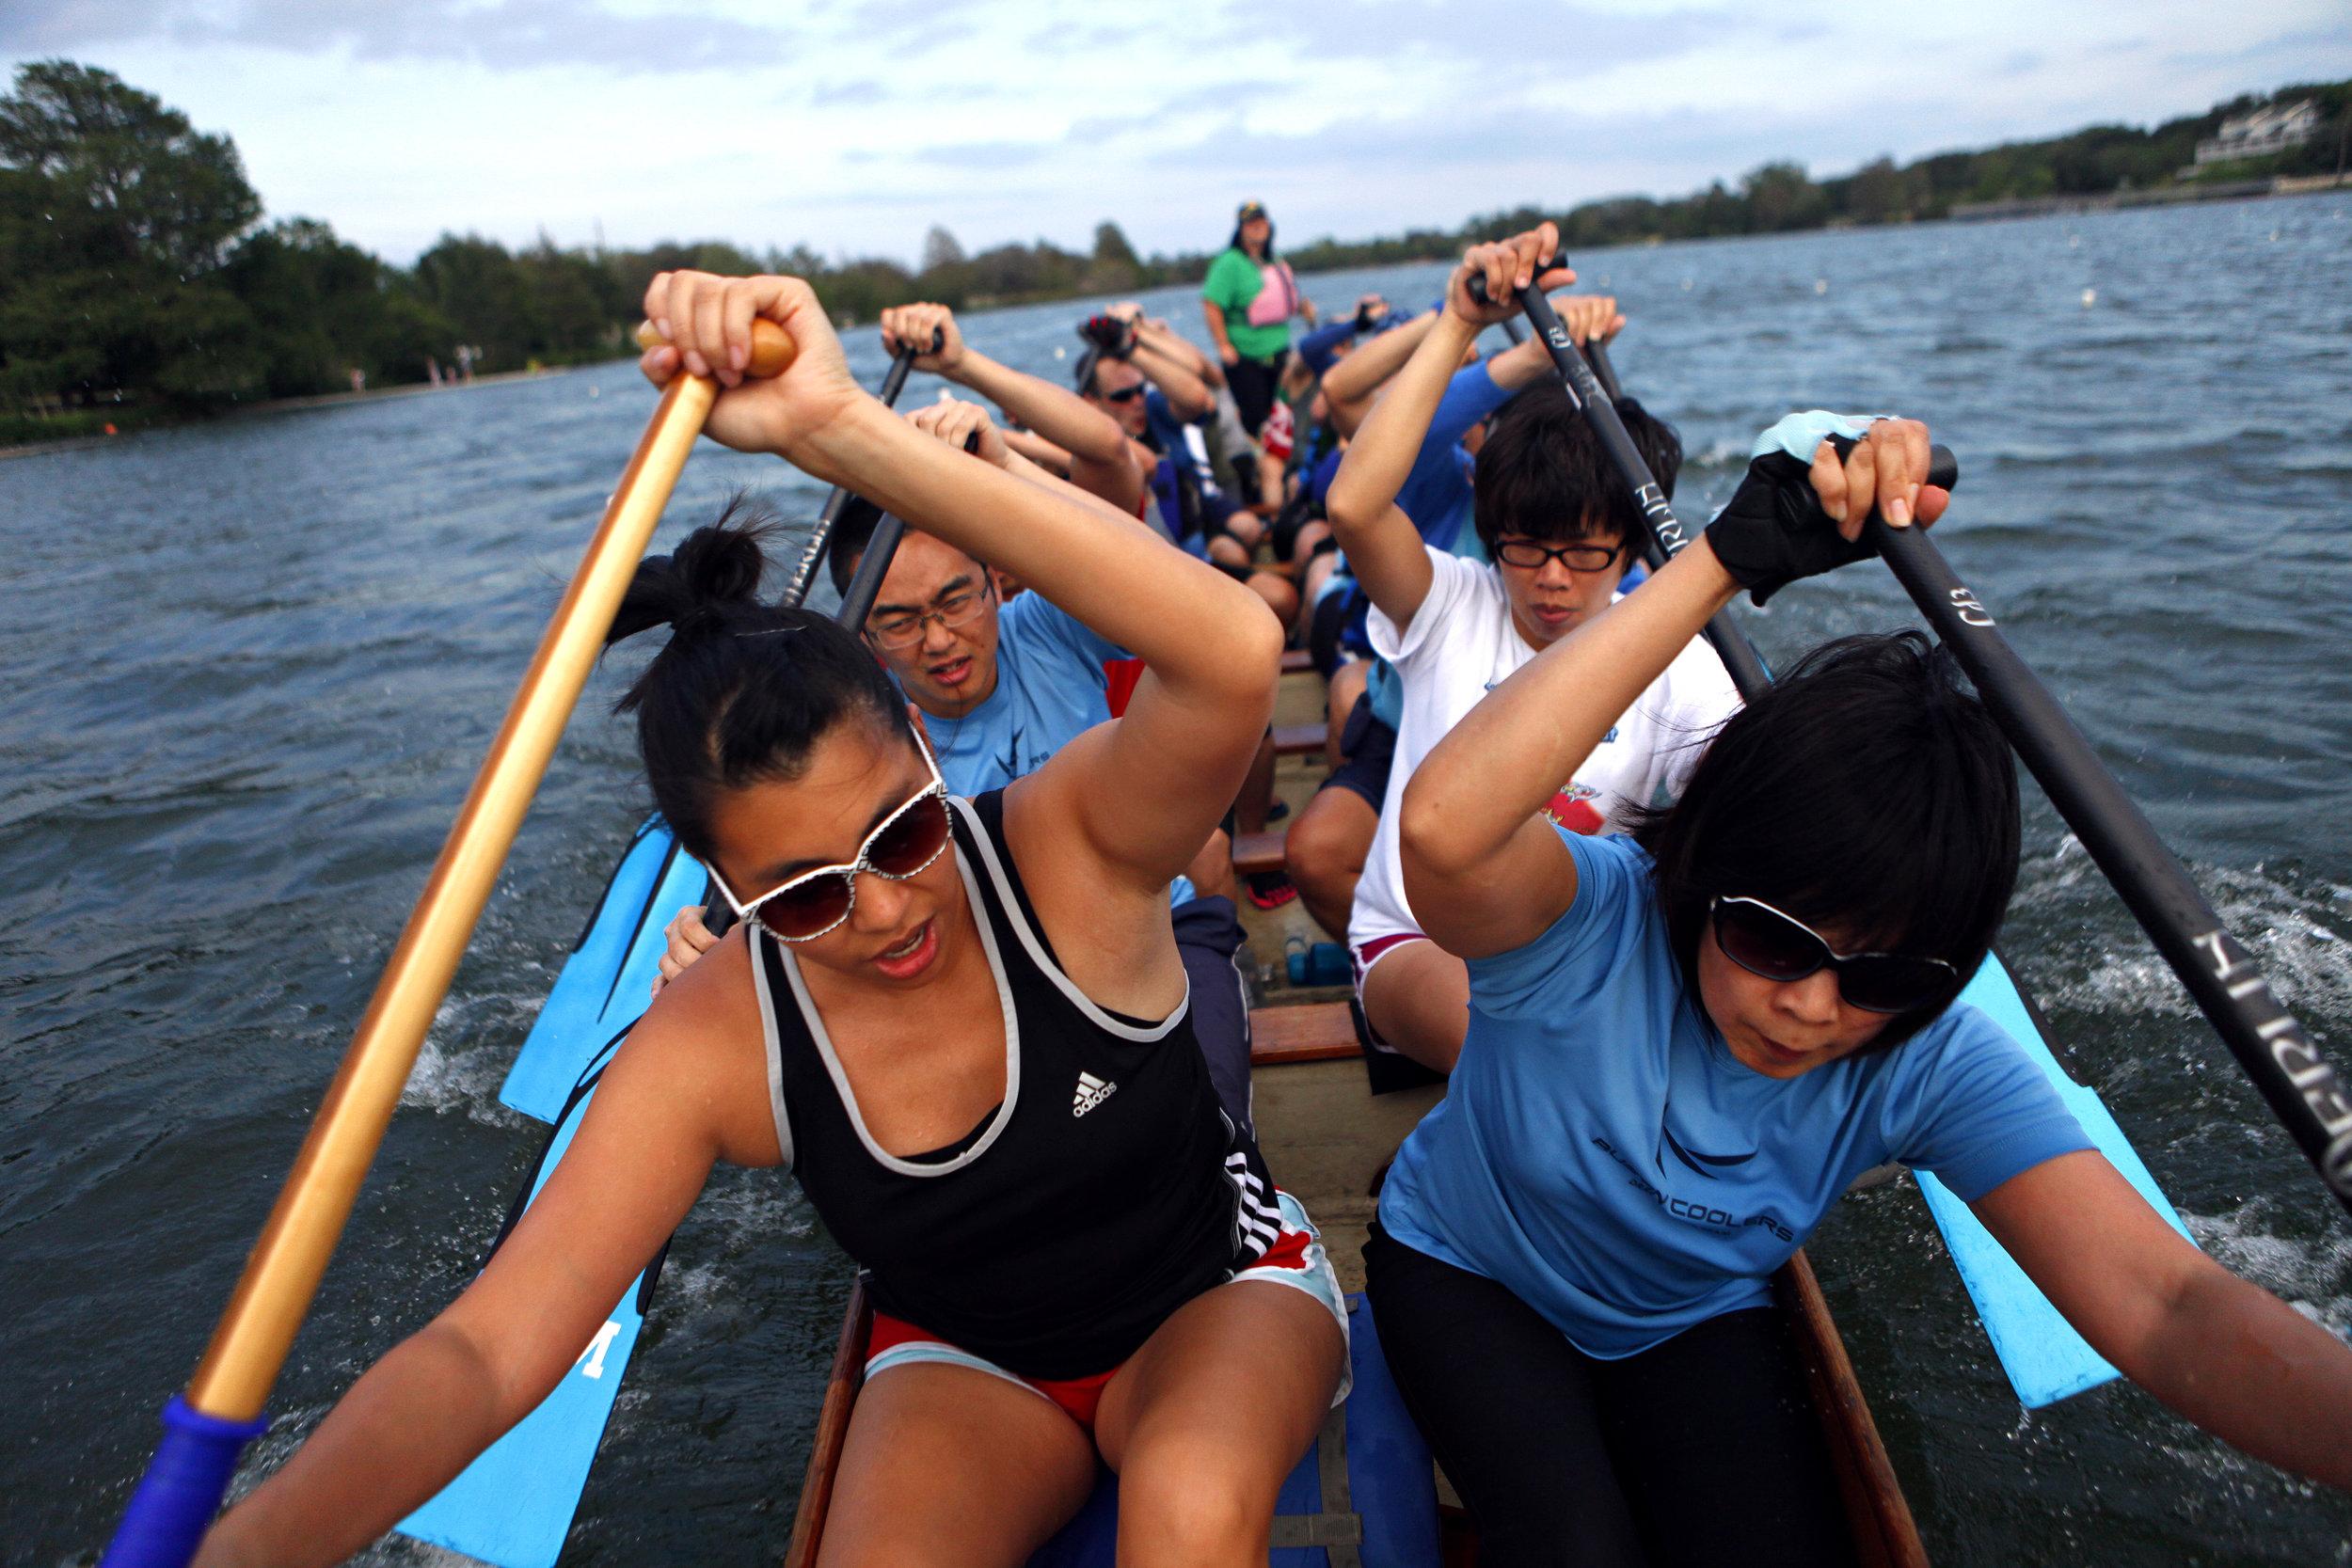 2014-04-25_Dragonboat_Racing_Pu.Ying.Huang 287.jpg